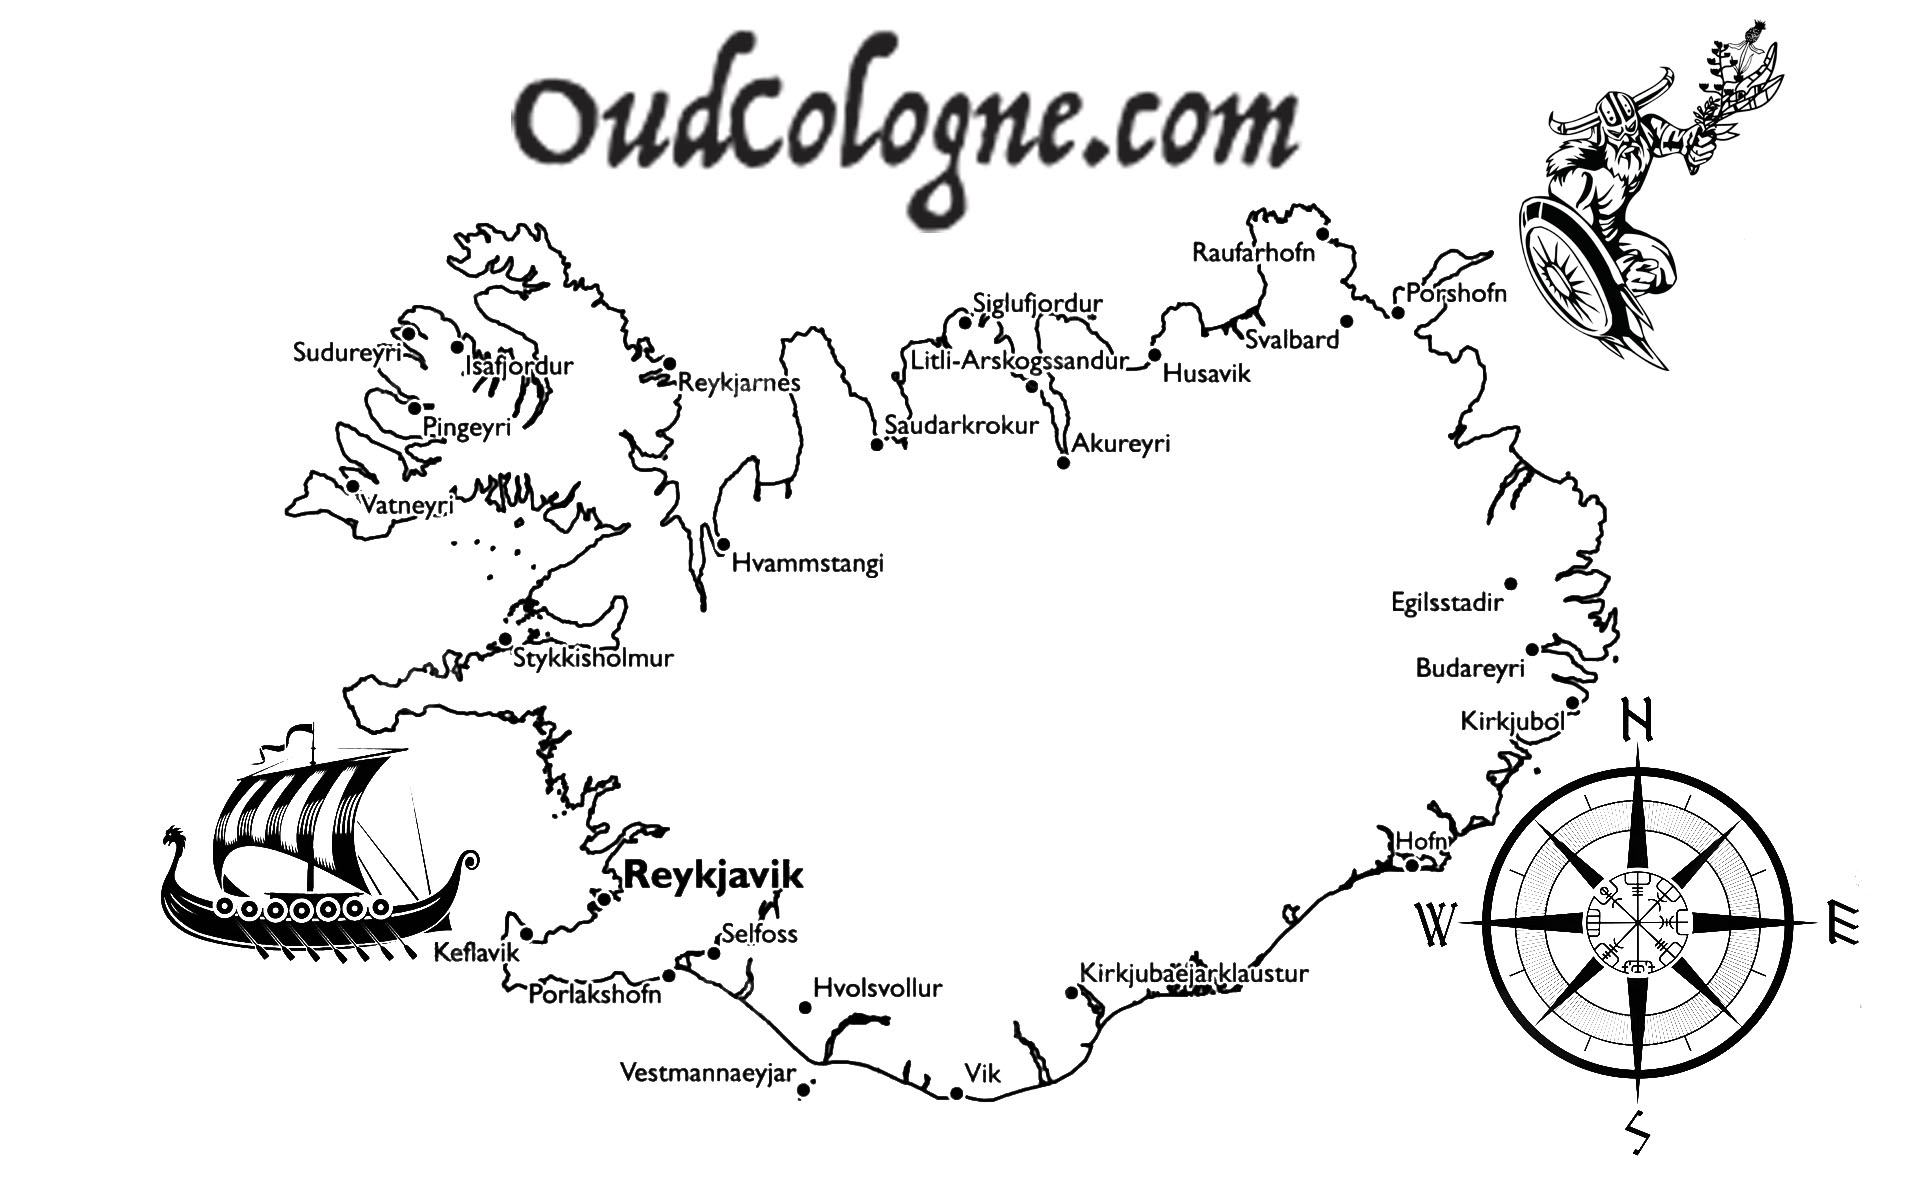 Oud Cologne Logo